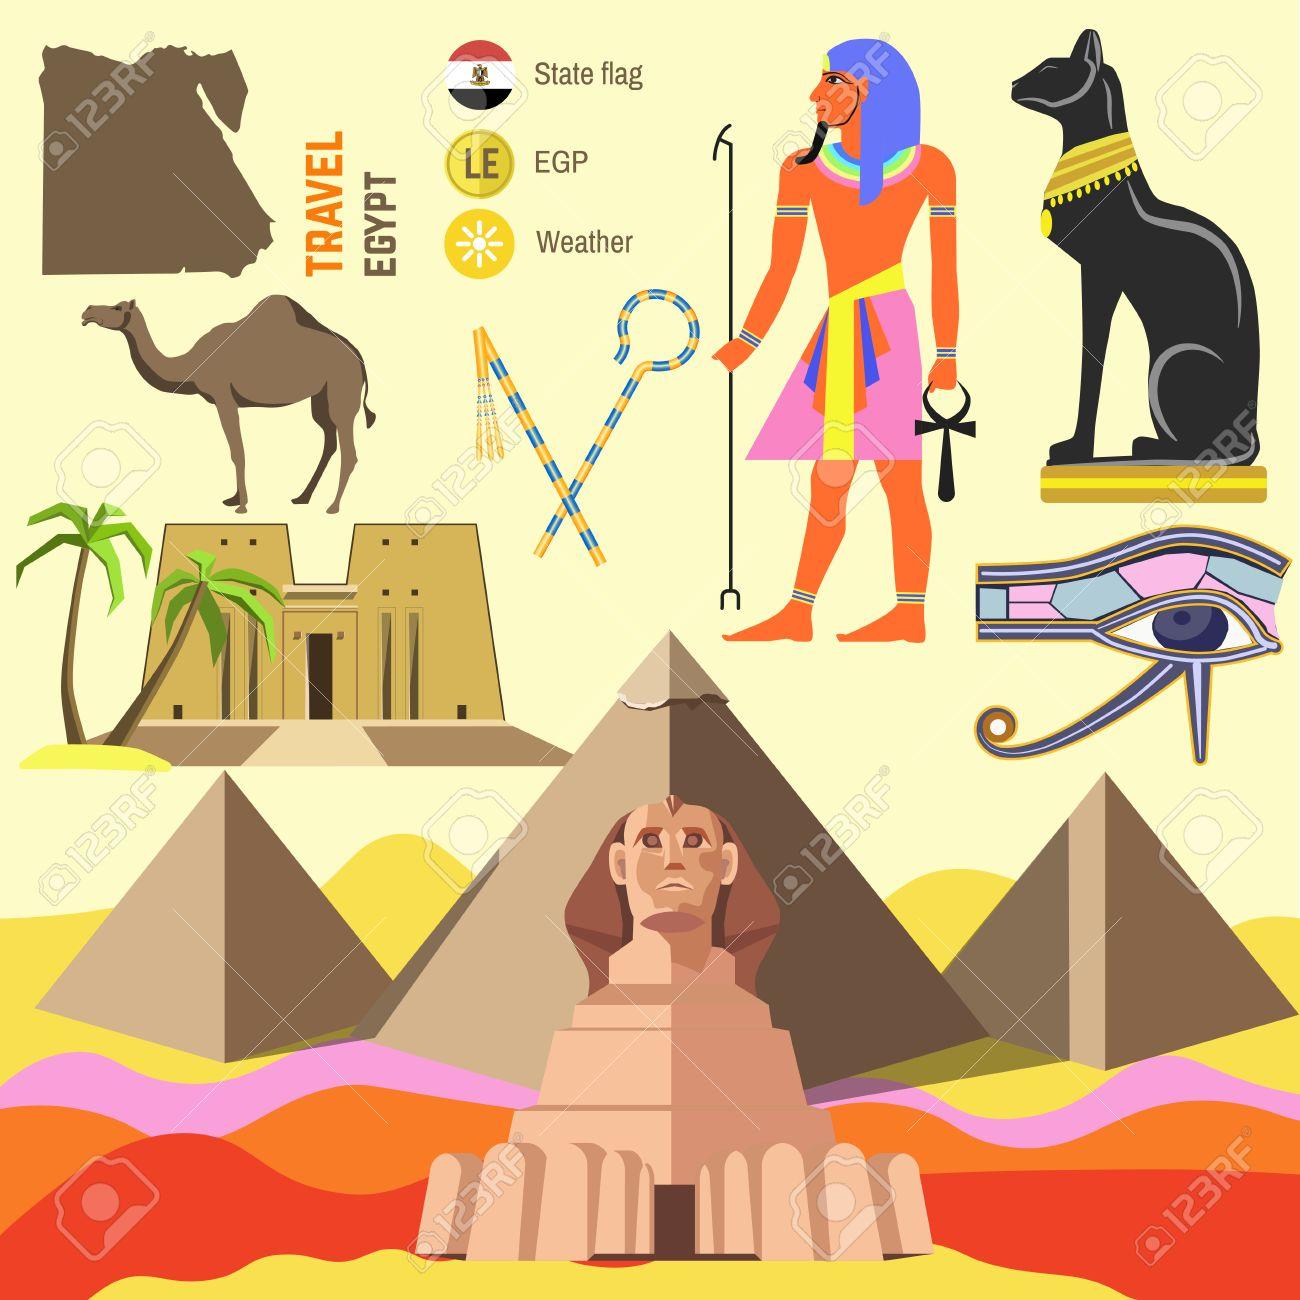 Set Of Egypt Symbols And Landmarks Flat Illustrations Symbols - Map of egypt landmarks